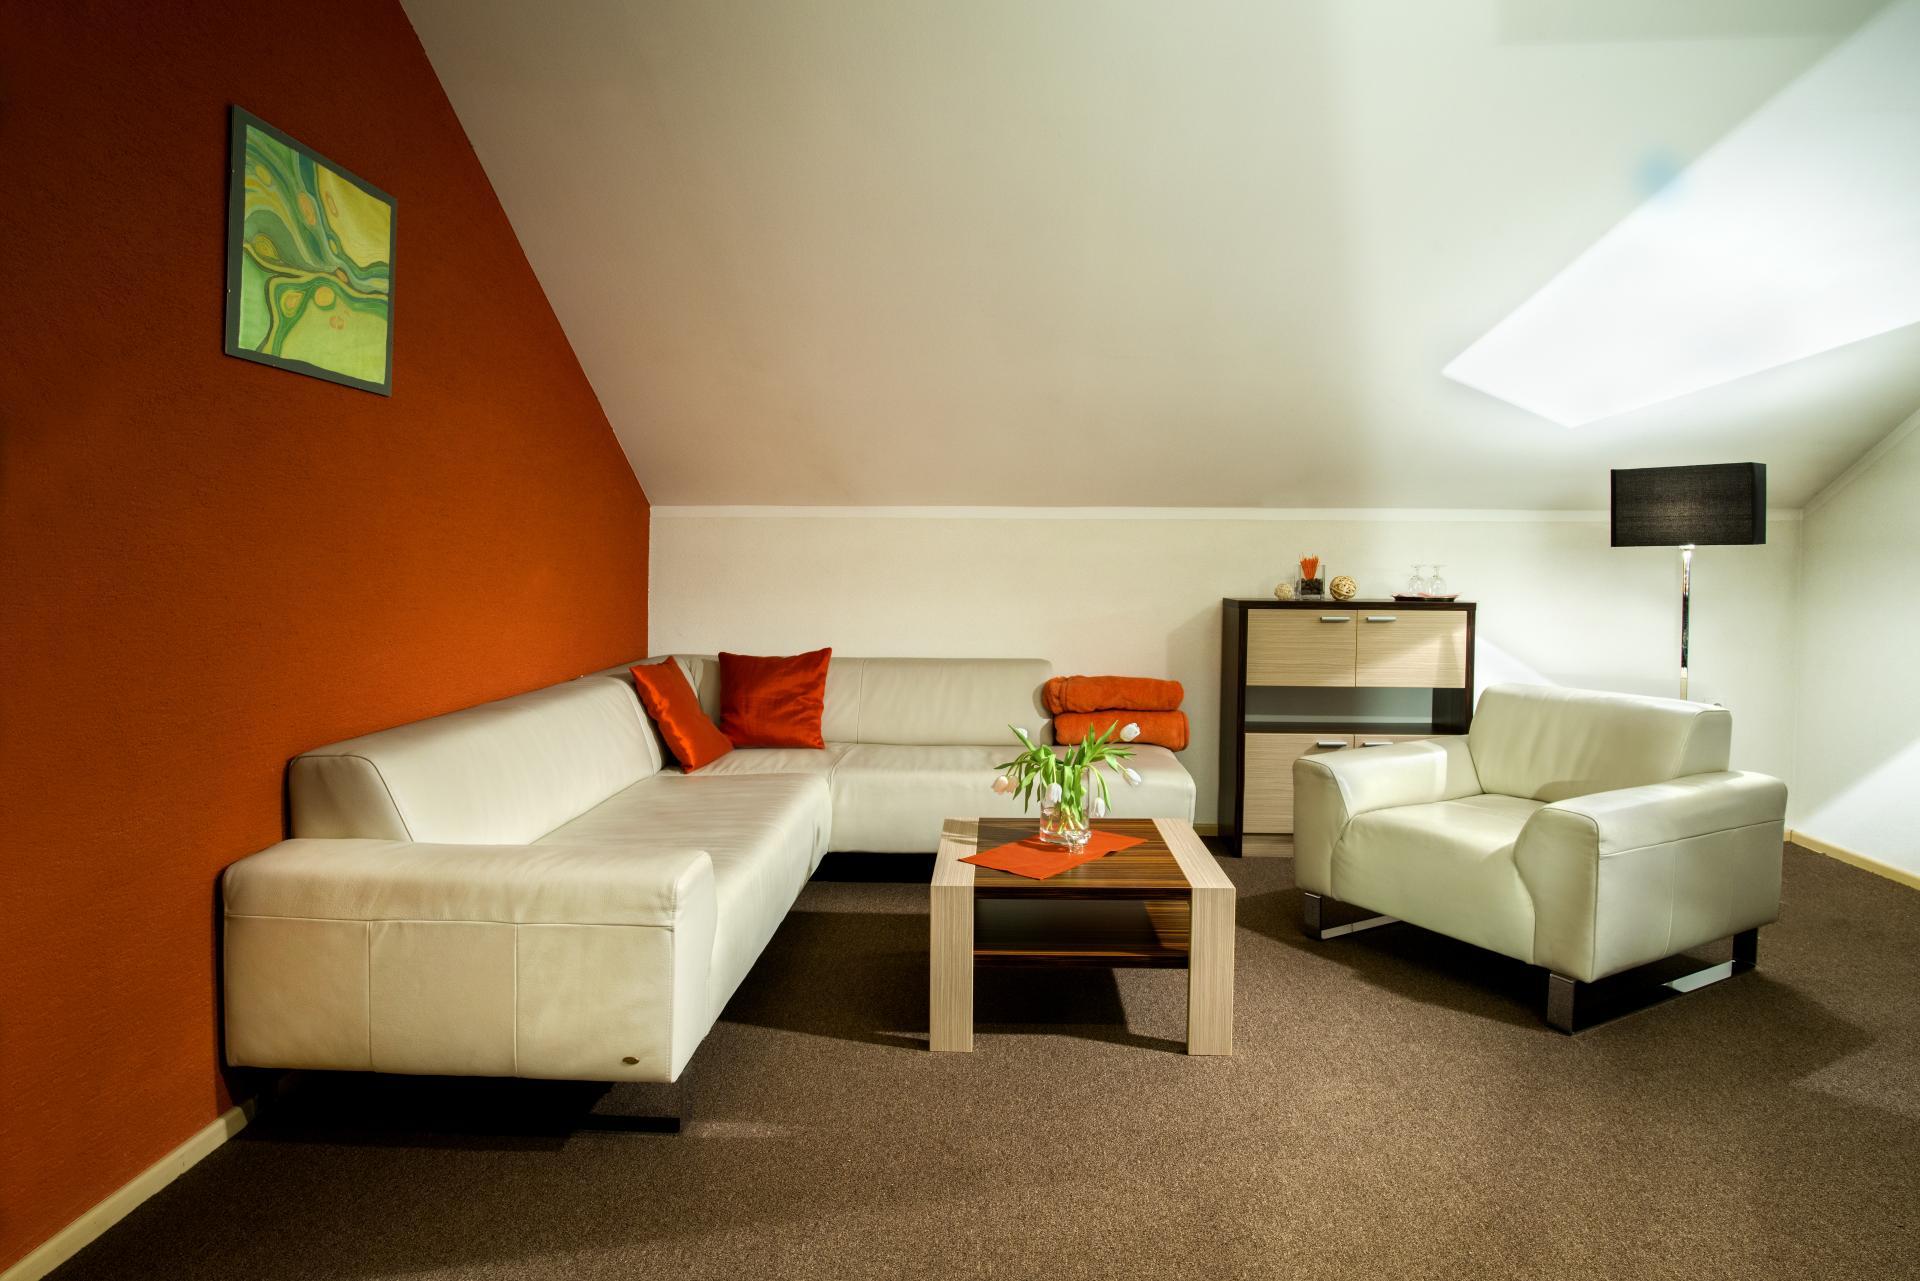 Suita obyvacka hotel bystrička ubytovanie martin pobytovy balik